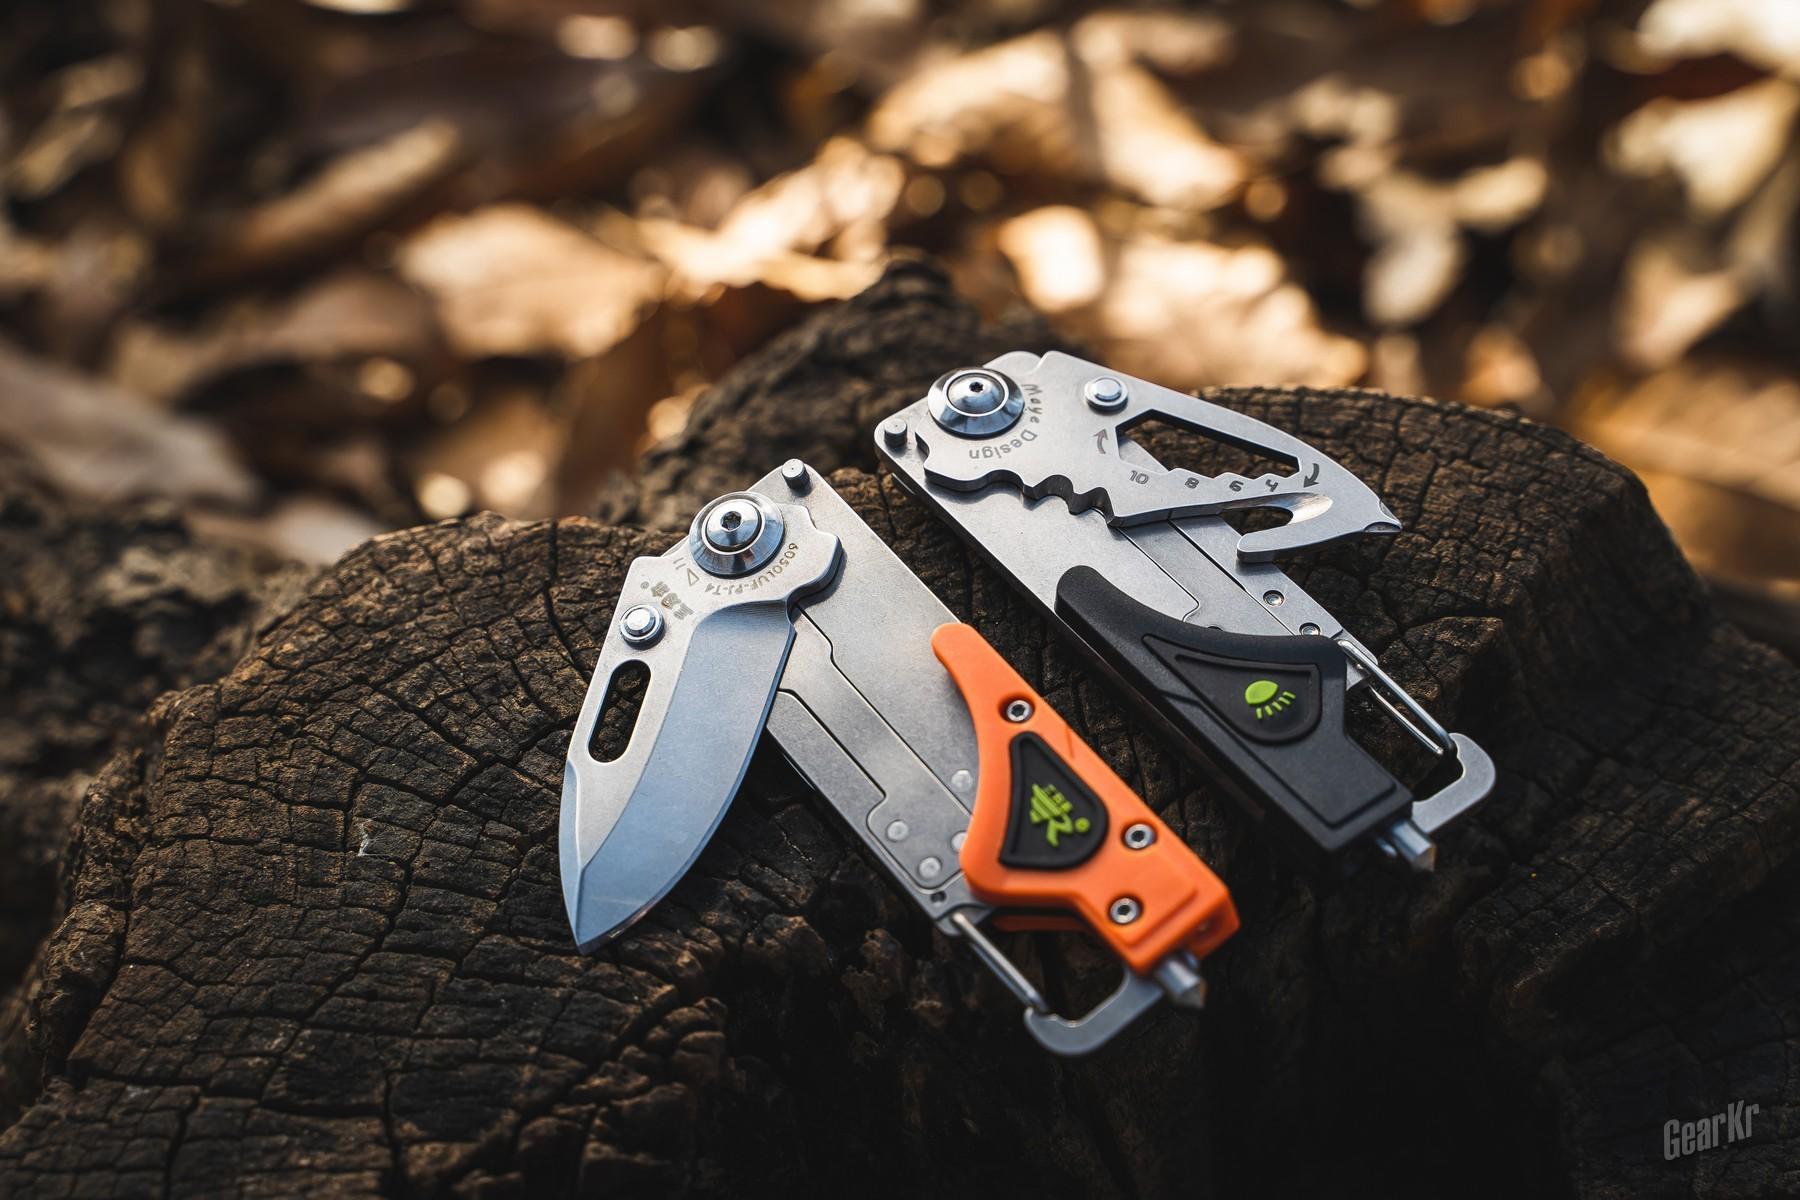 点亮你的多功能折刀——三刃木6050多功能折刀评测